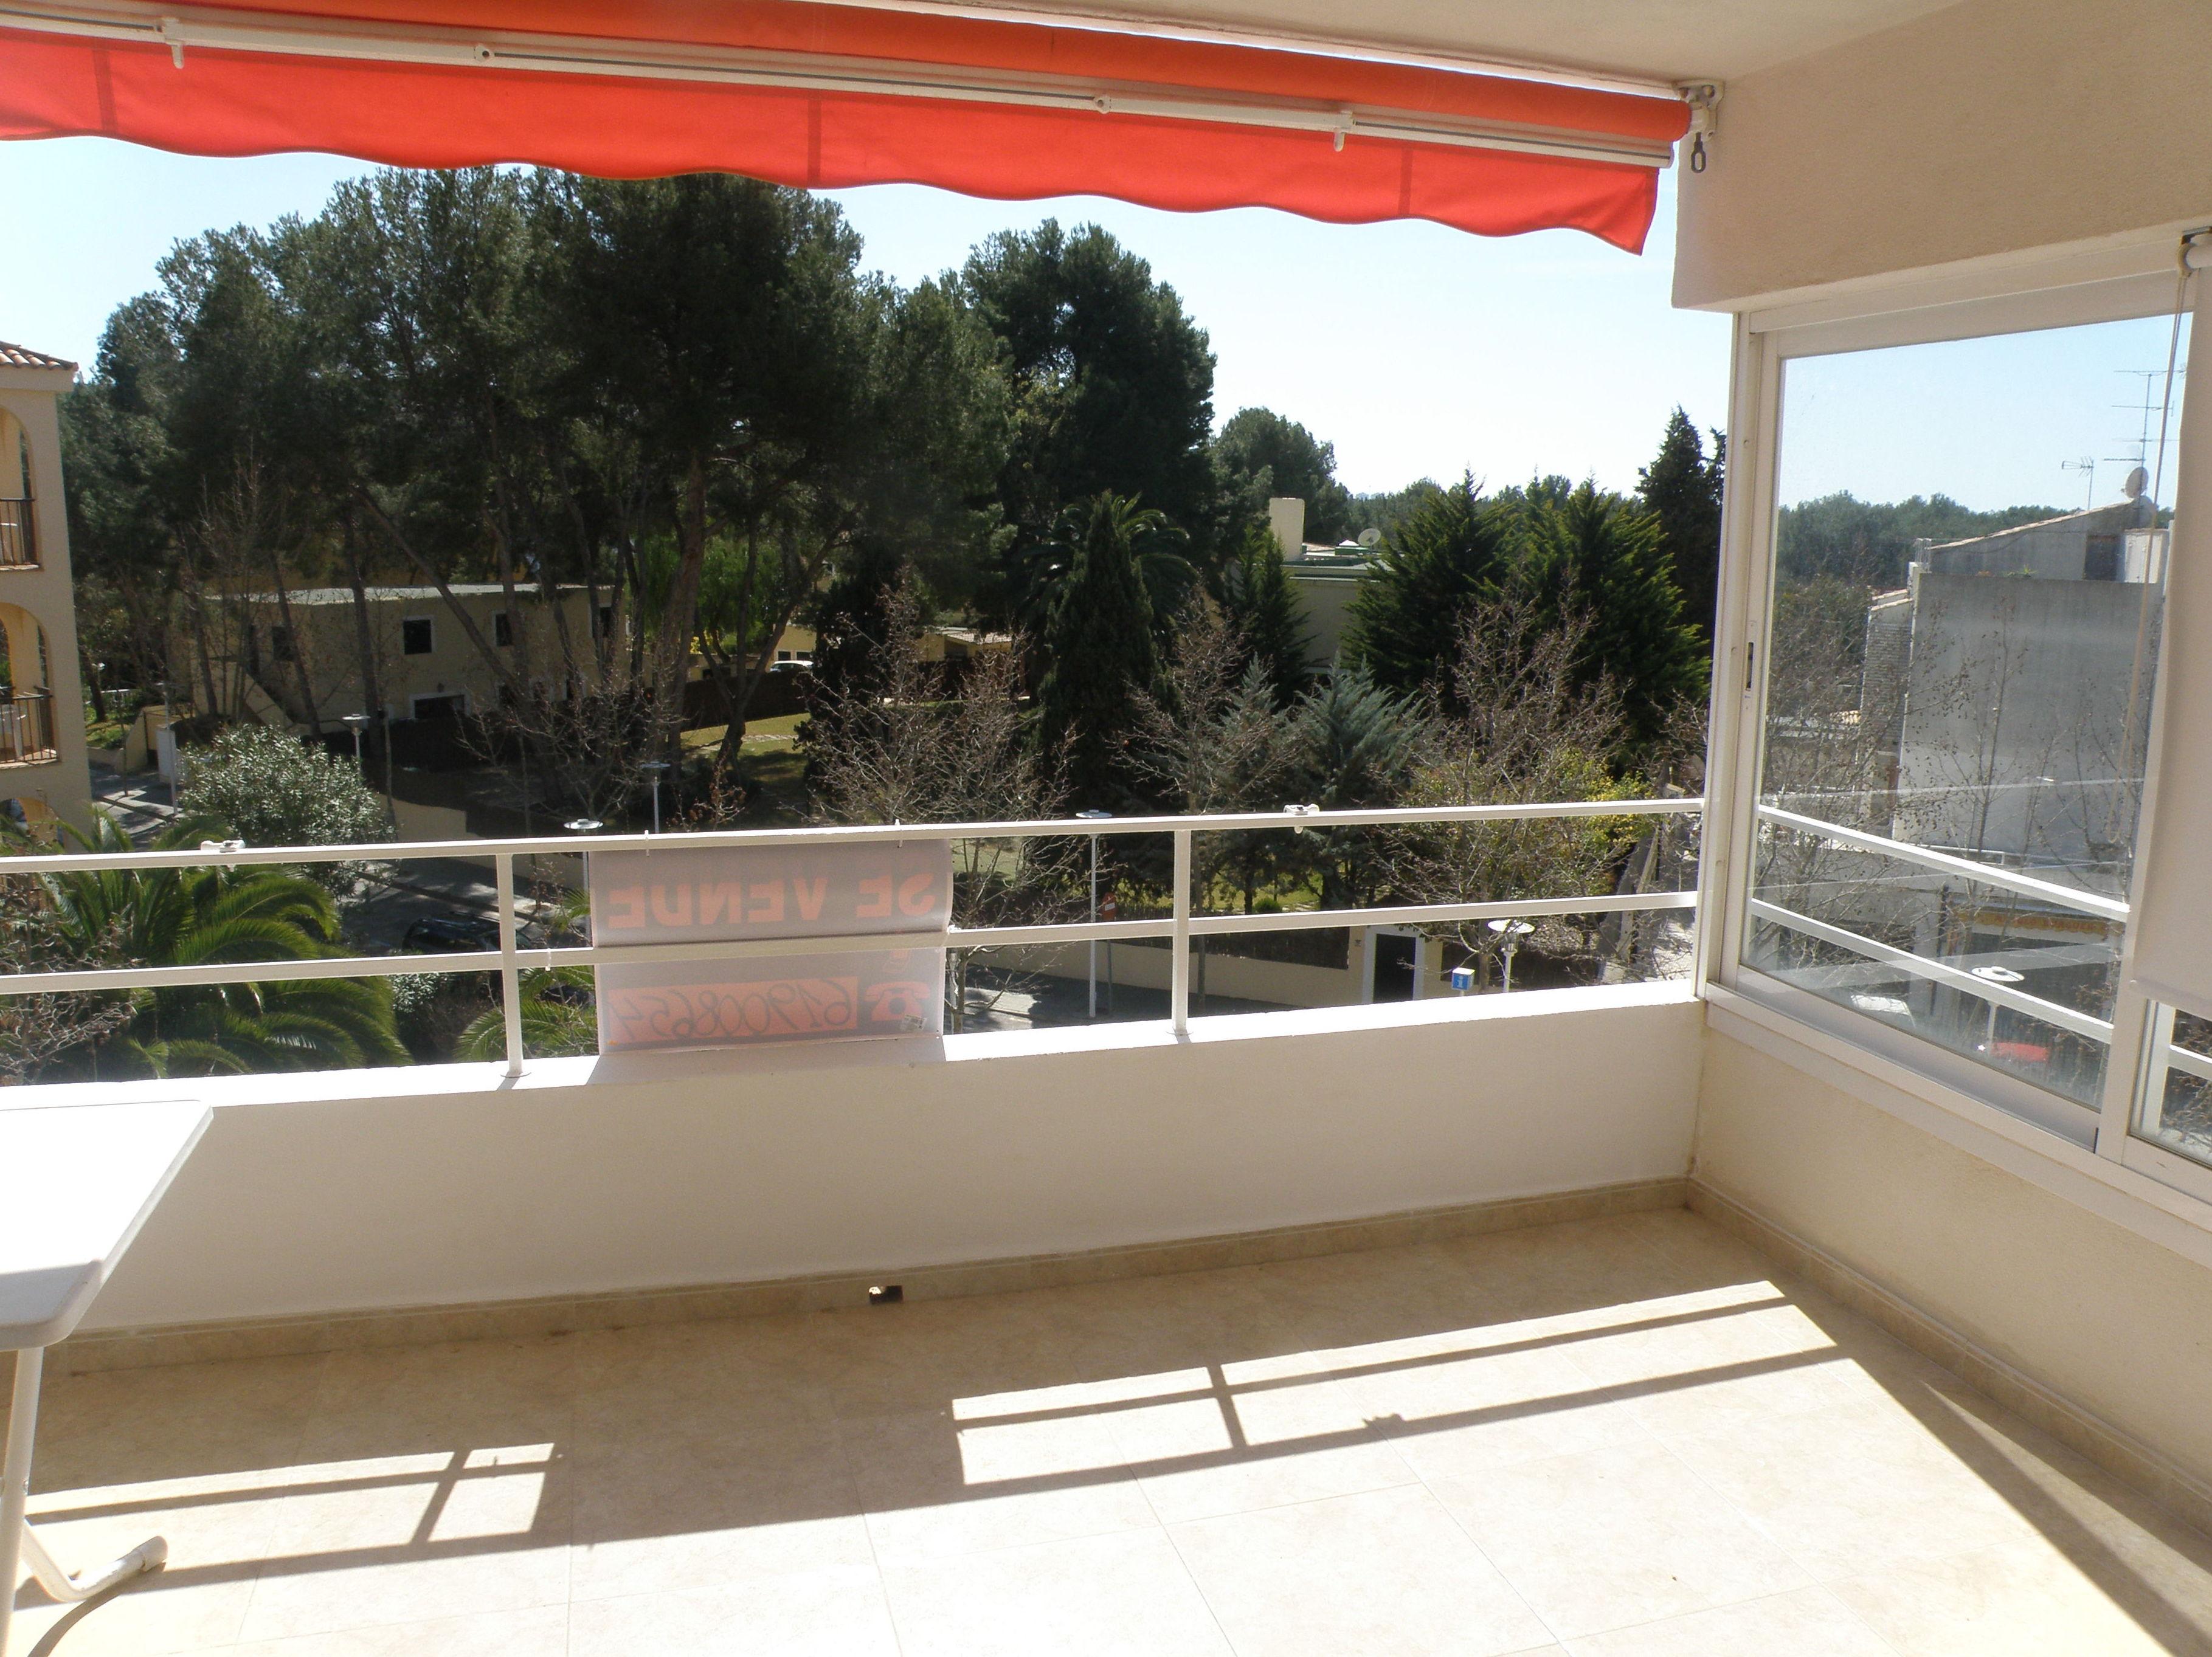 Piso en Paguera Ref 291 Precio: 239.000€: InfoHouseServices Inmobiliaria de Info House Services